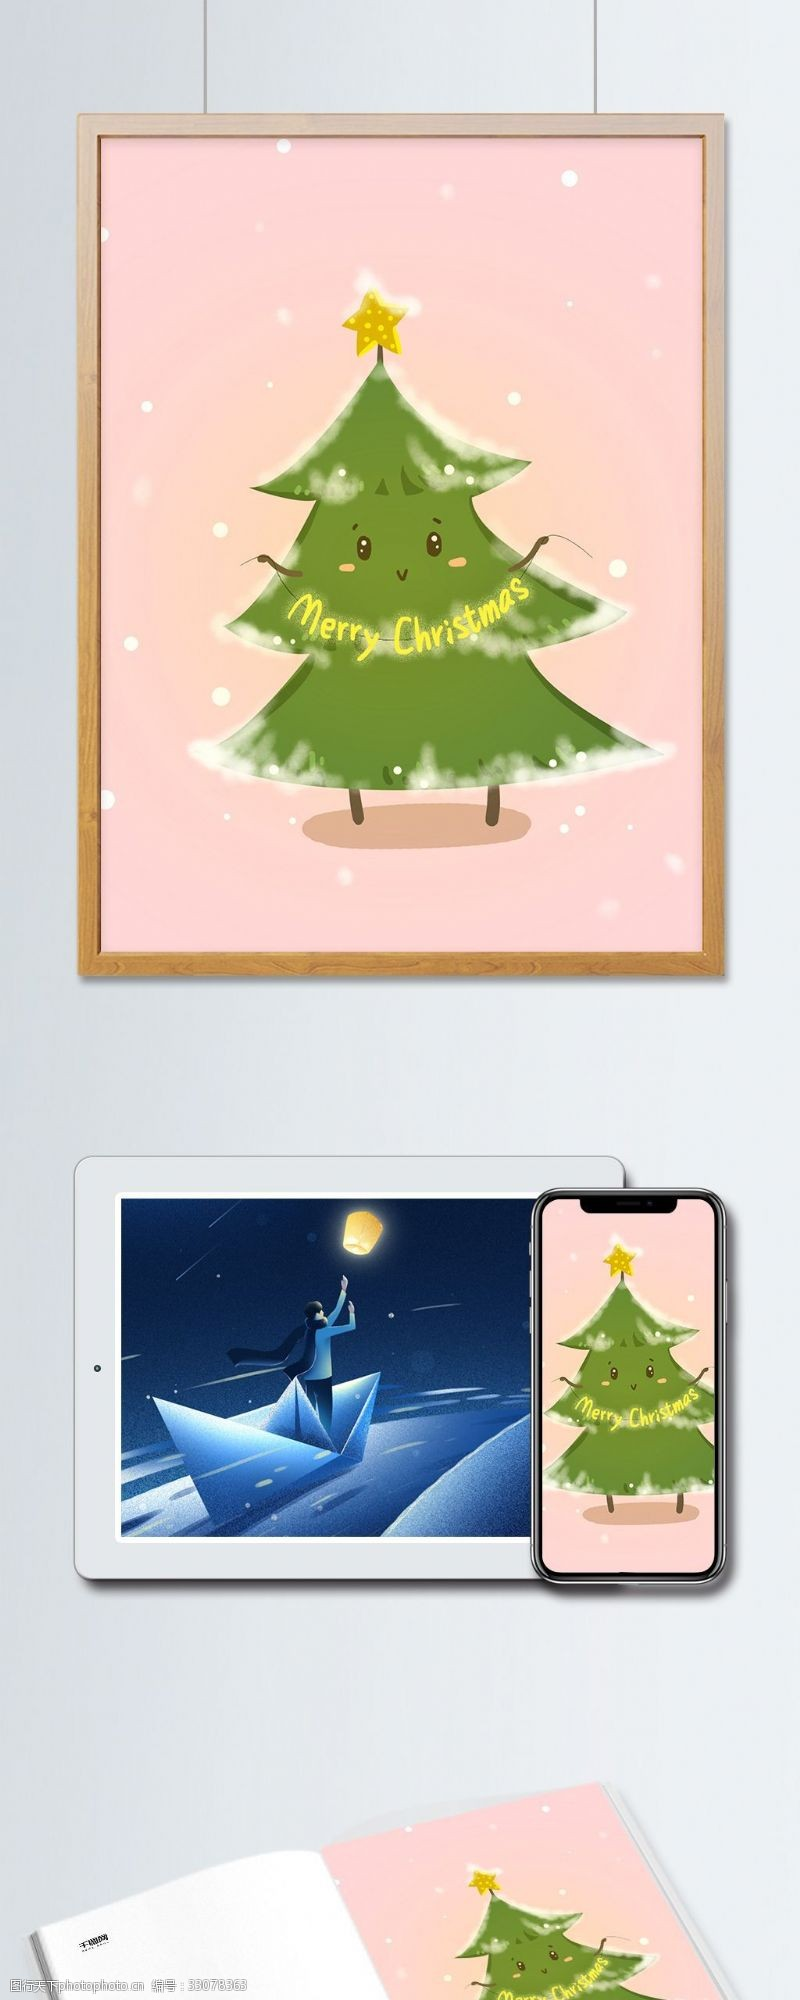 圣誕節圣誕樹可愛插畫